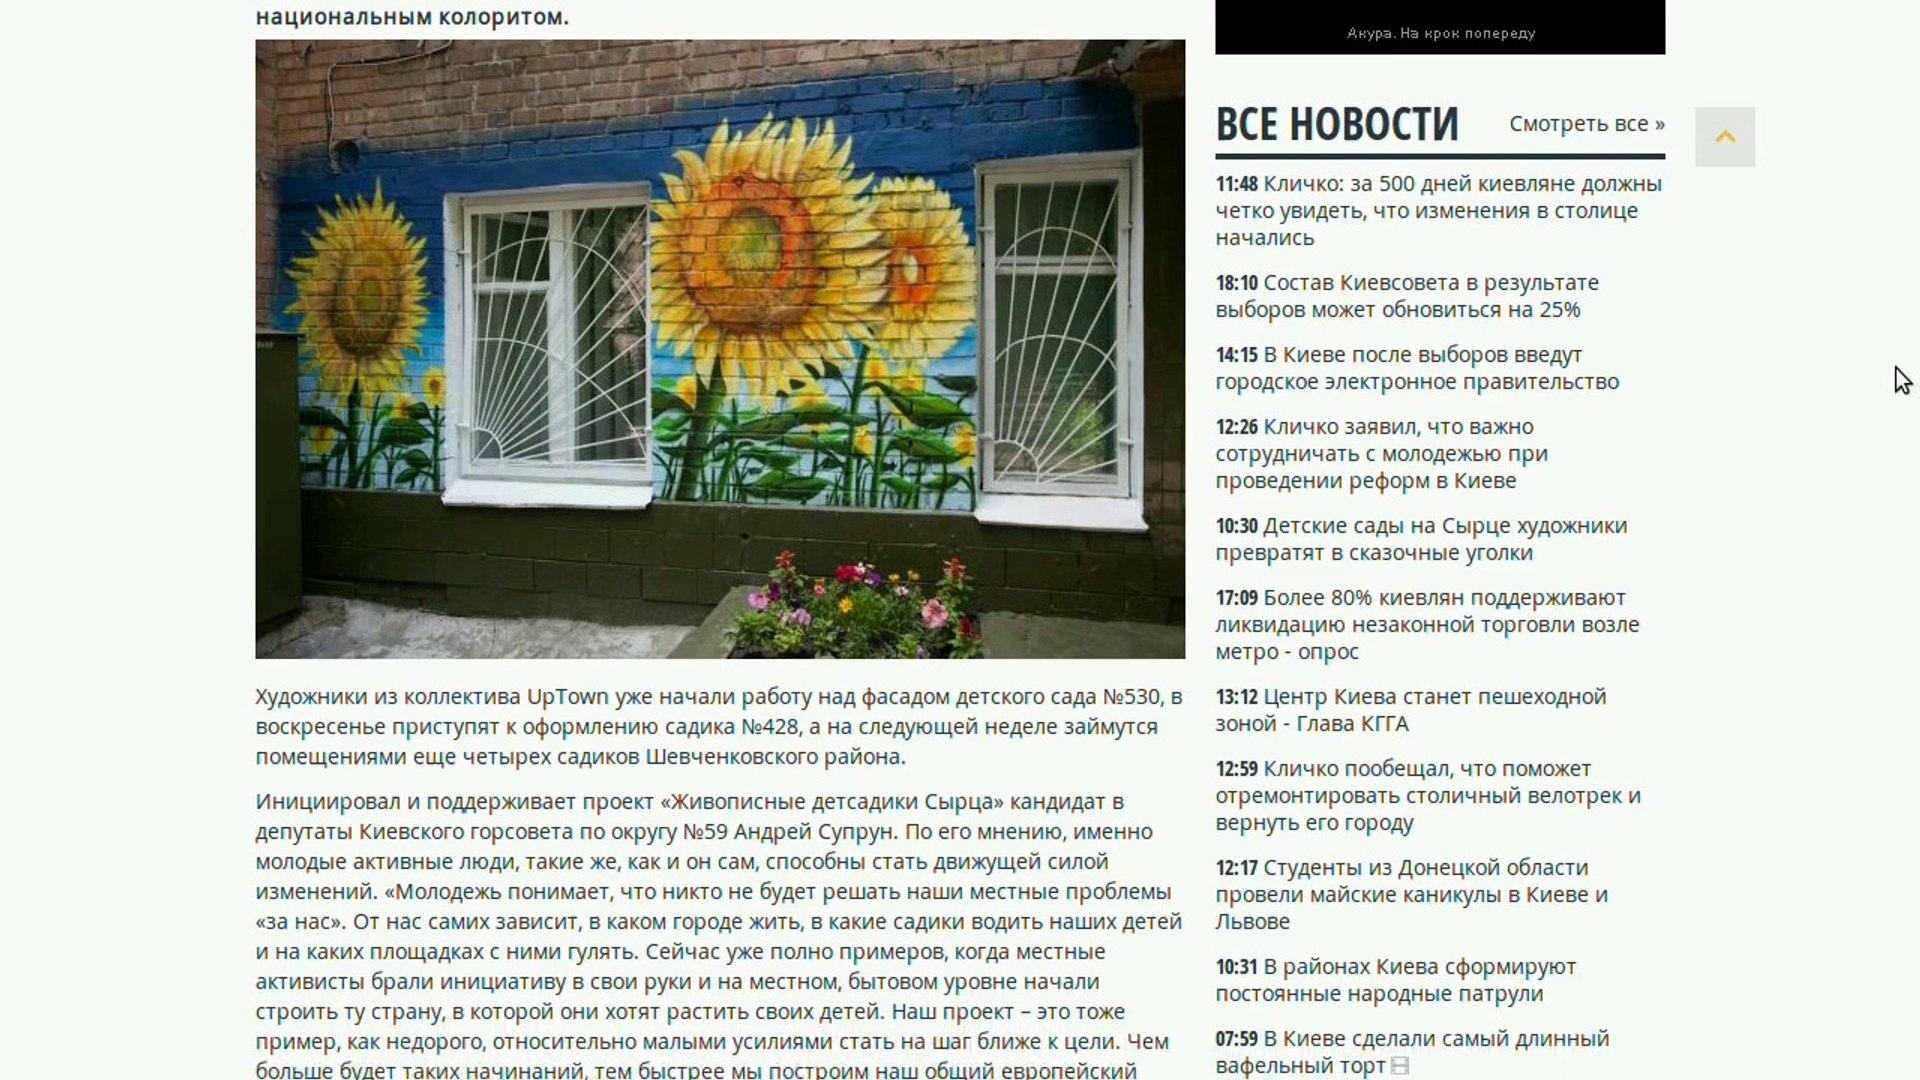 Андрей Супрун: Детские сады на Сырце художники превратят в сказочные уголки